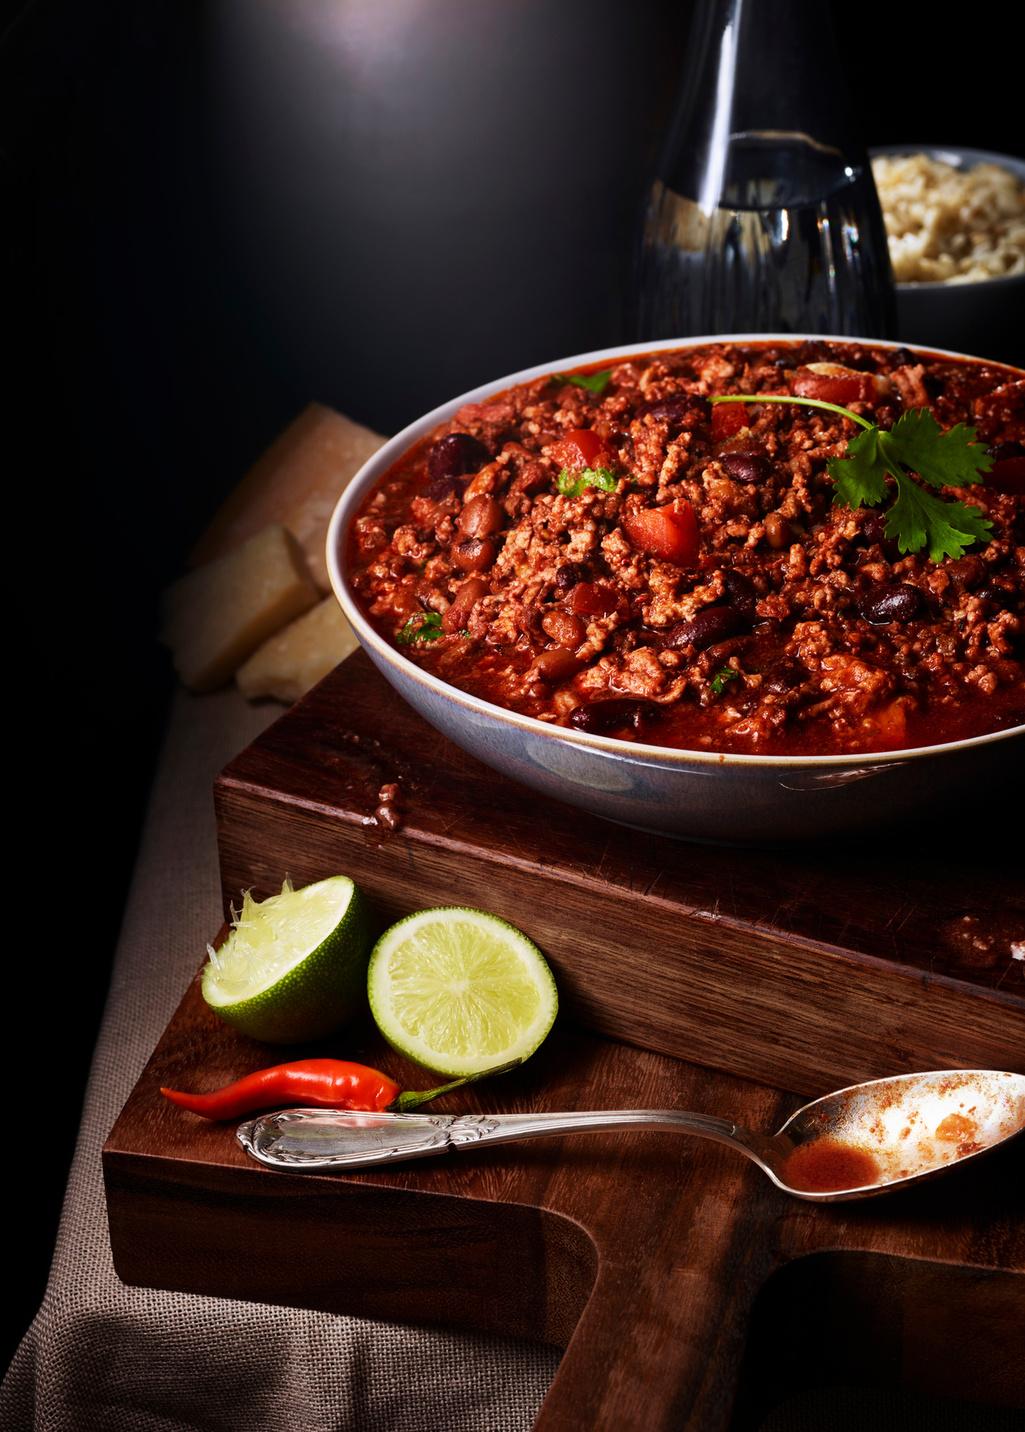 Chili Con Carne, iStock